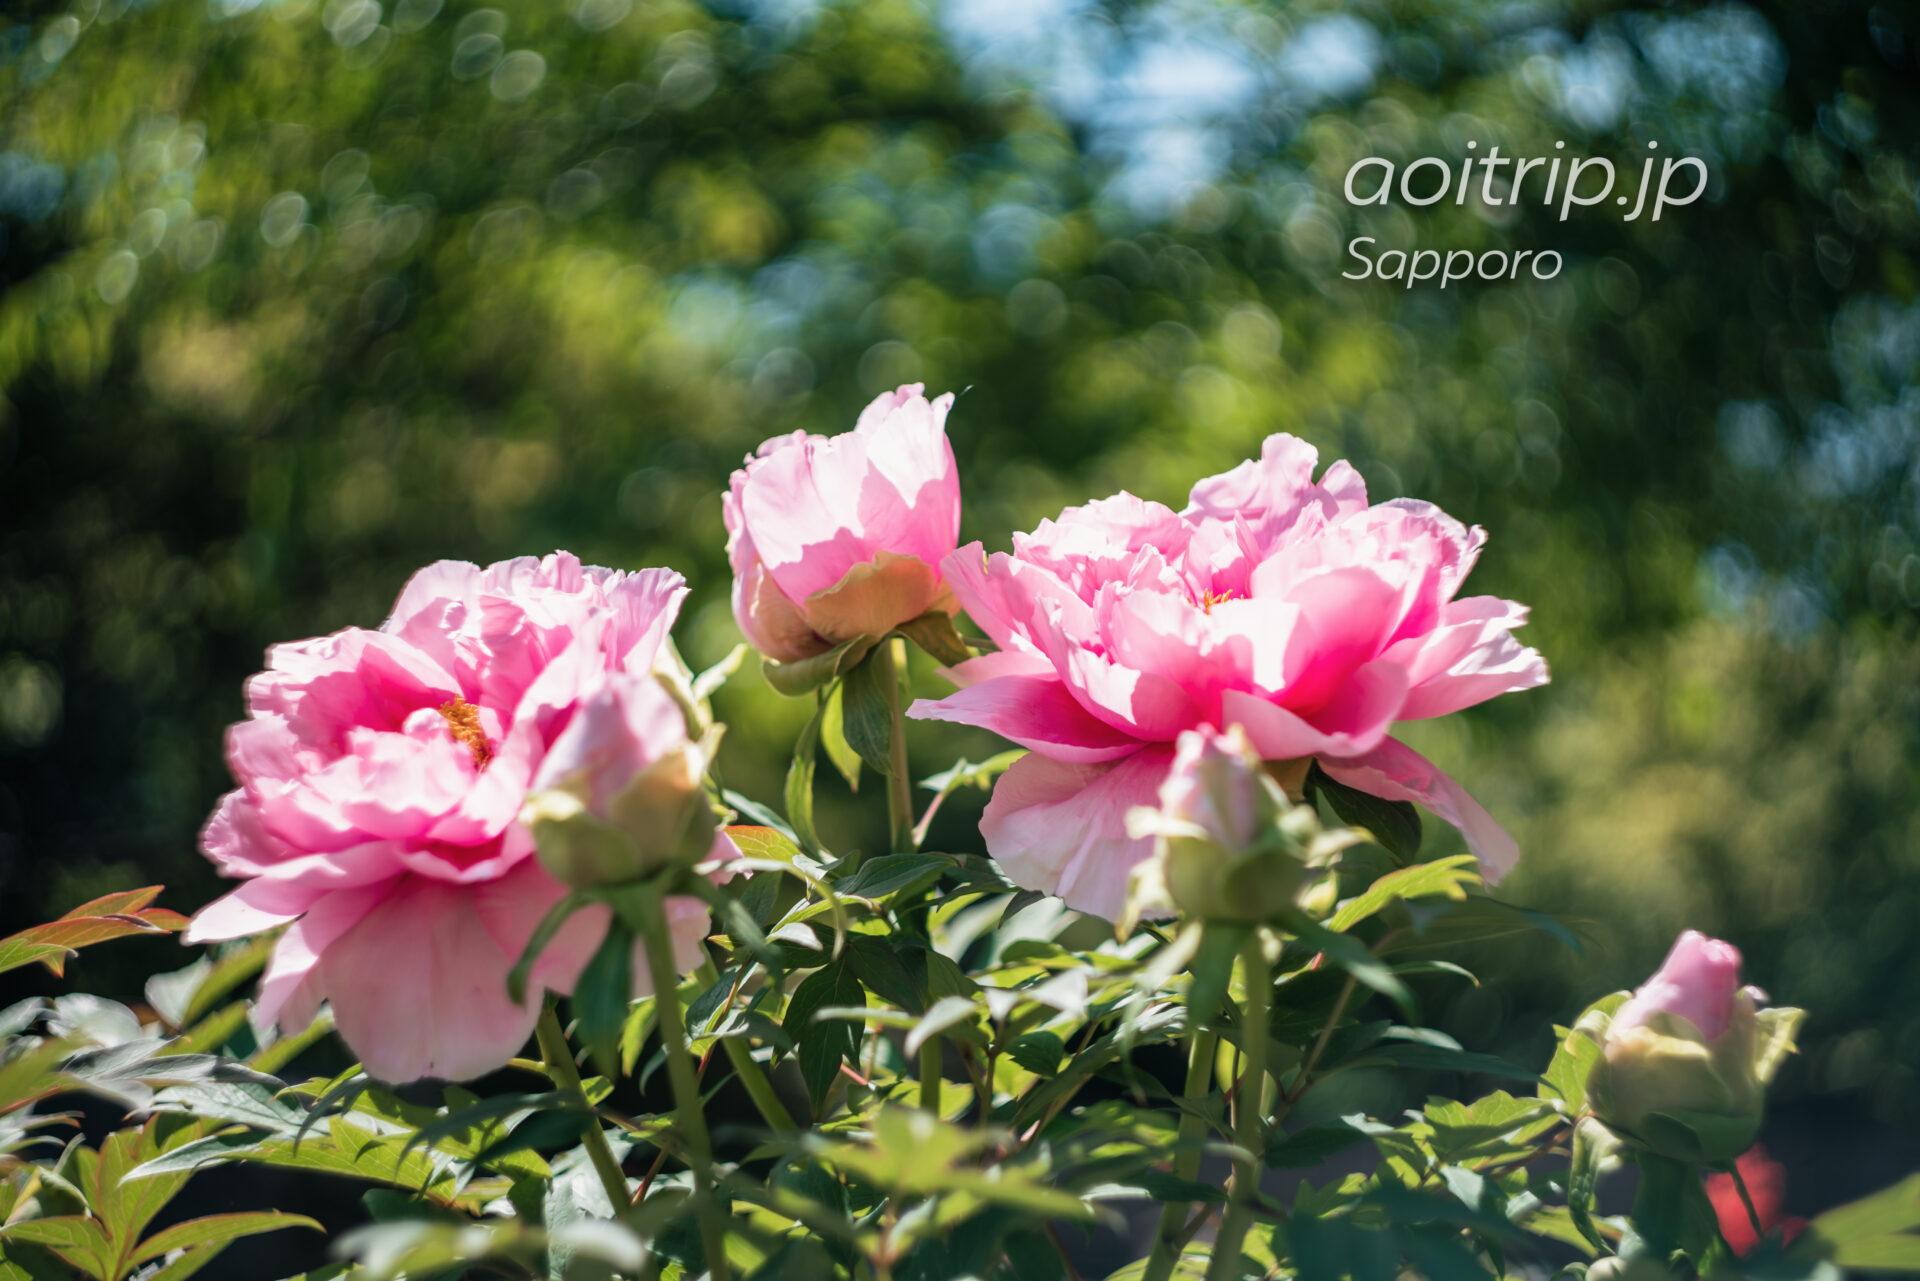 中島公園の日本庭園に咲く牡丹の花